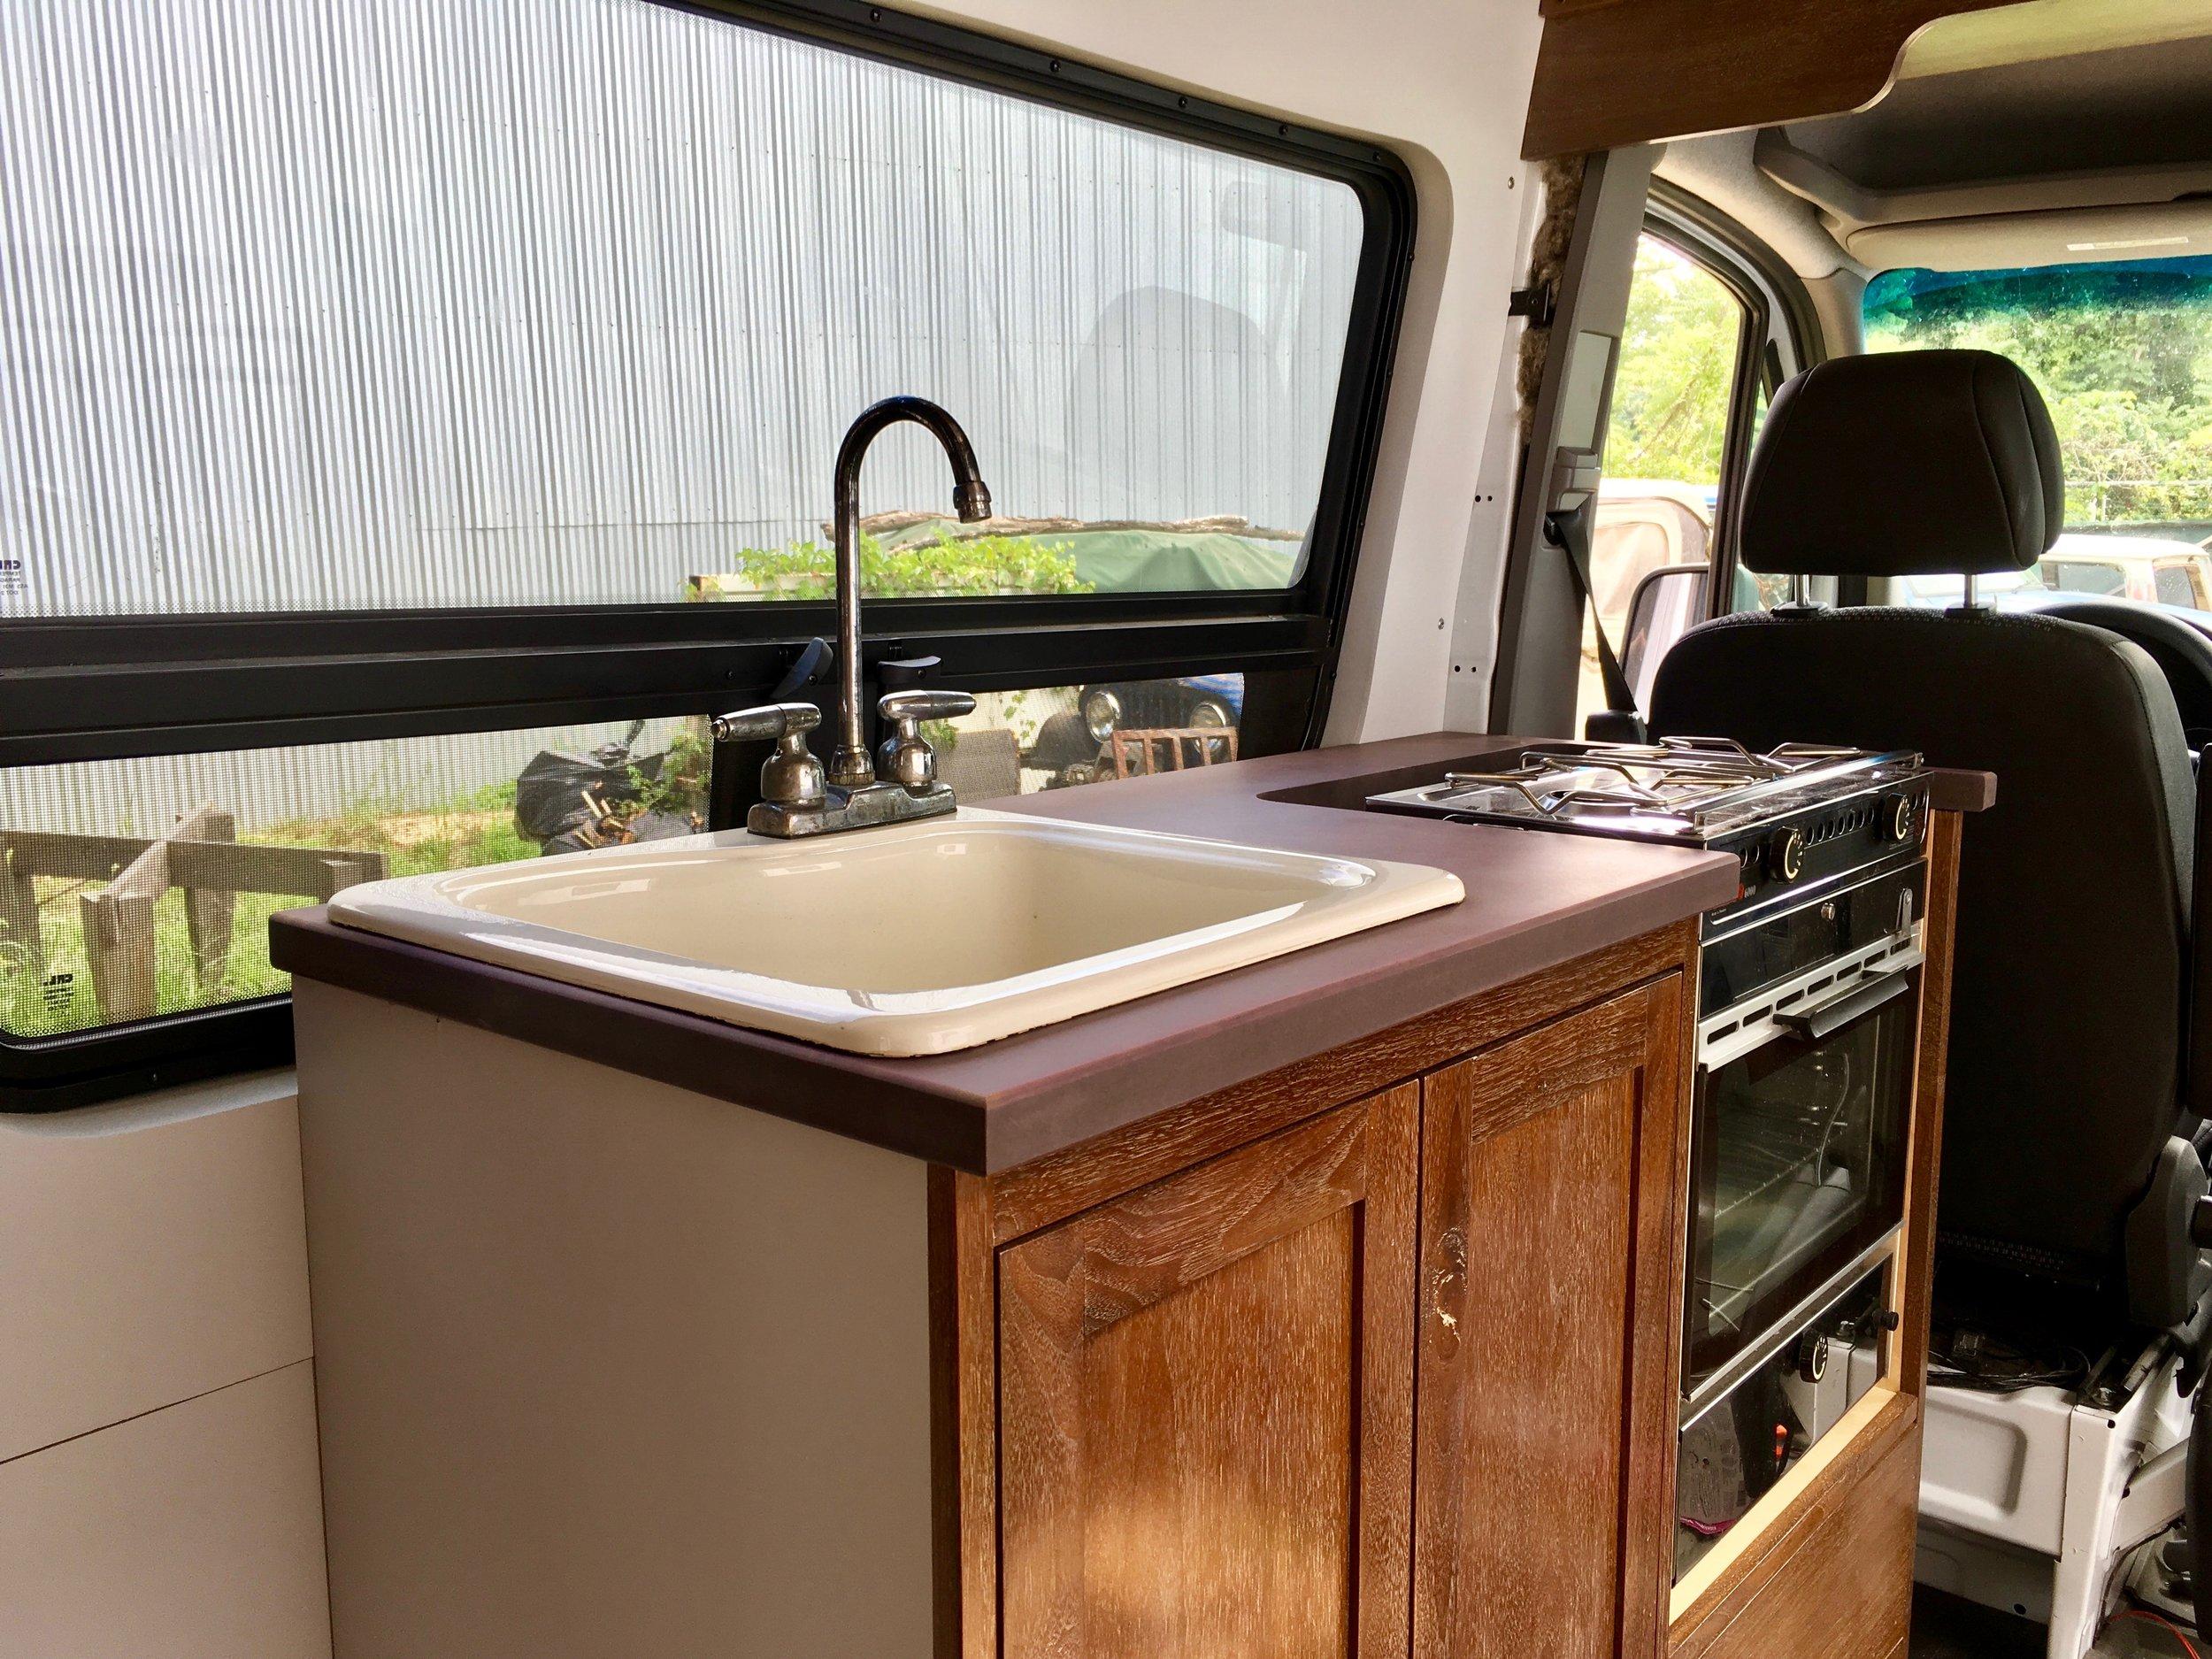 Original kitchen design with faucet and Origo 6000